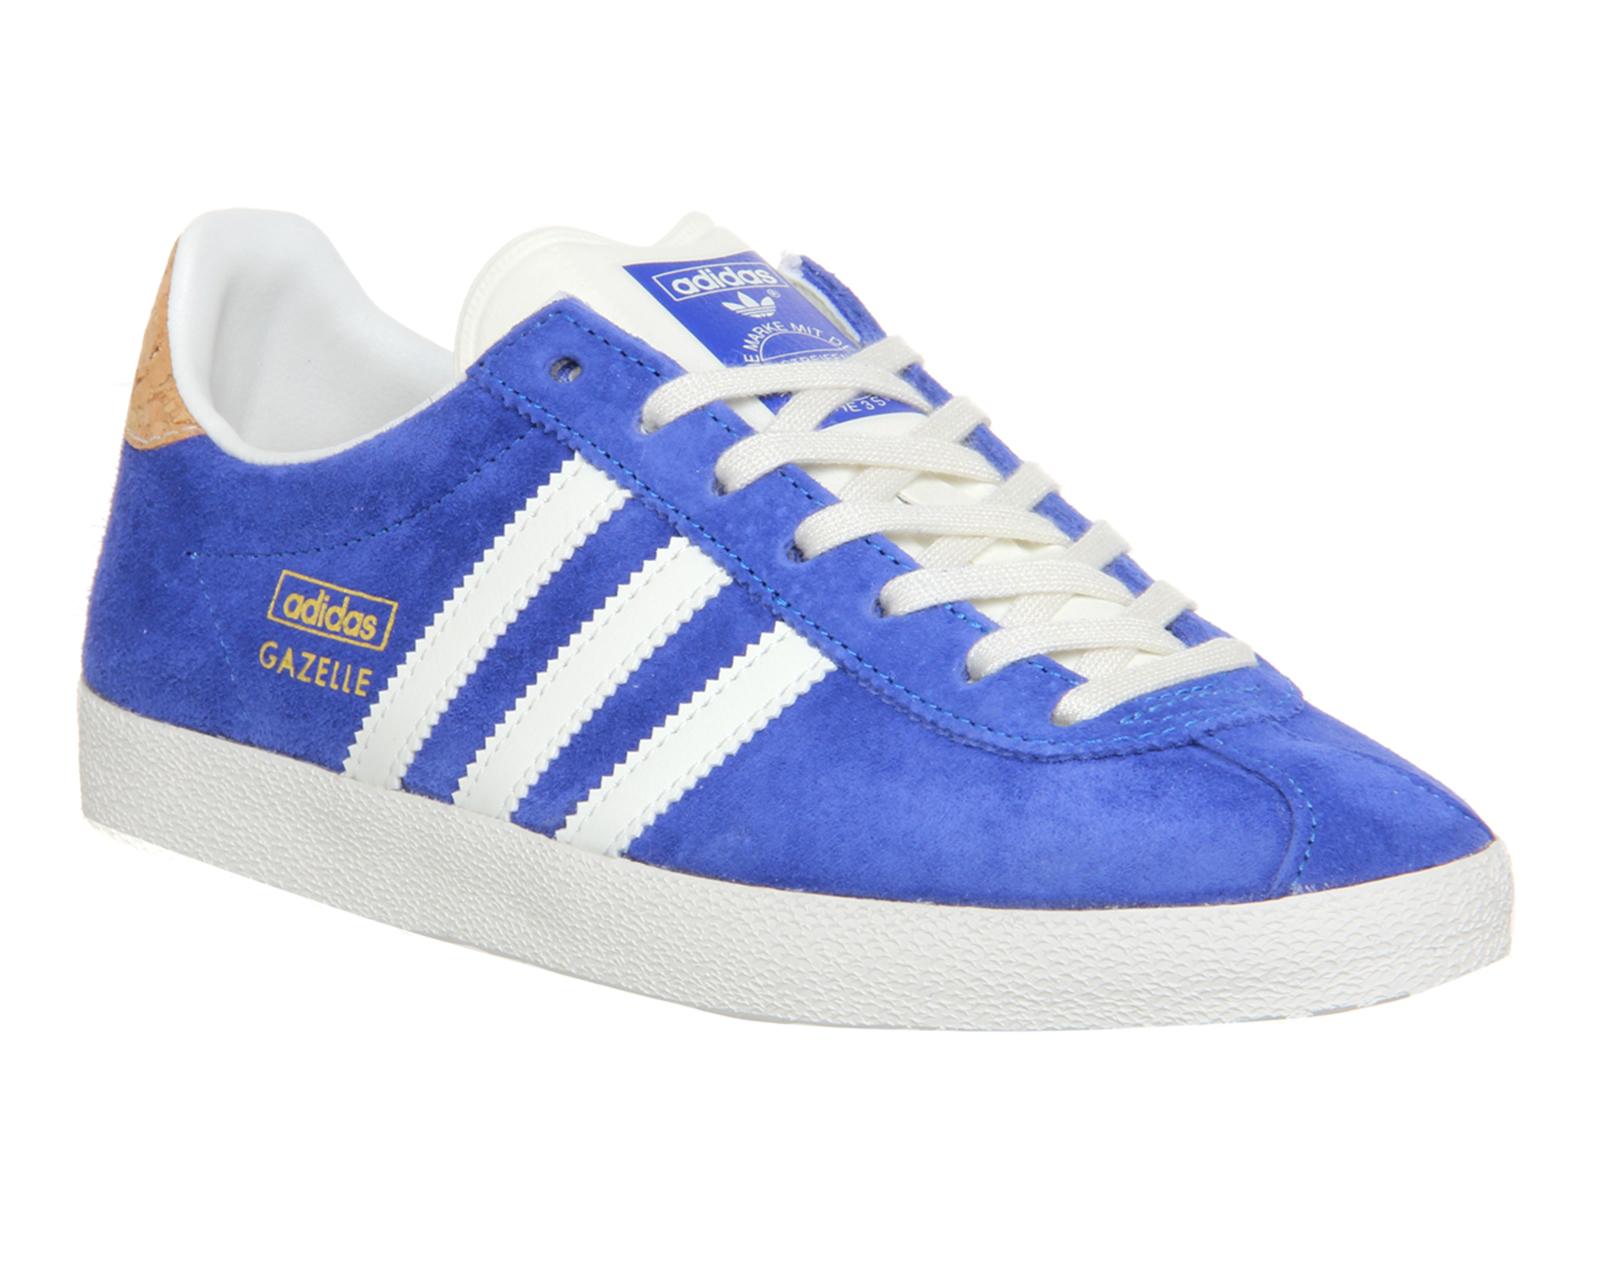 Adidas-Gazelle-Og-W-BOLD-BLUE-WHITE-CORK-